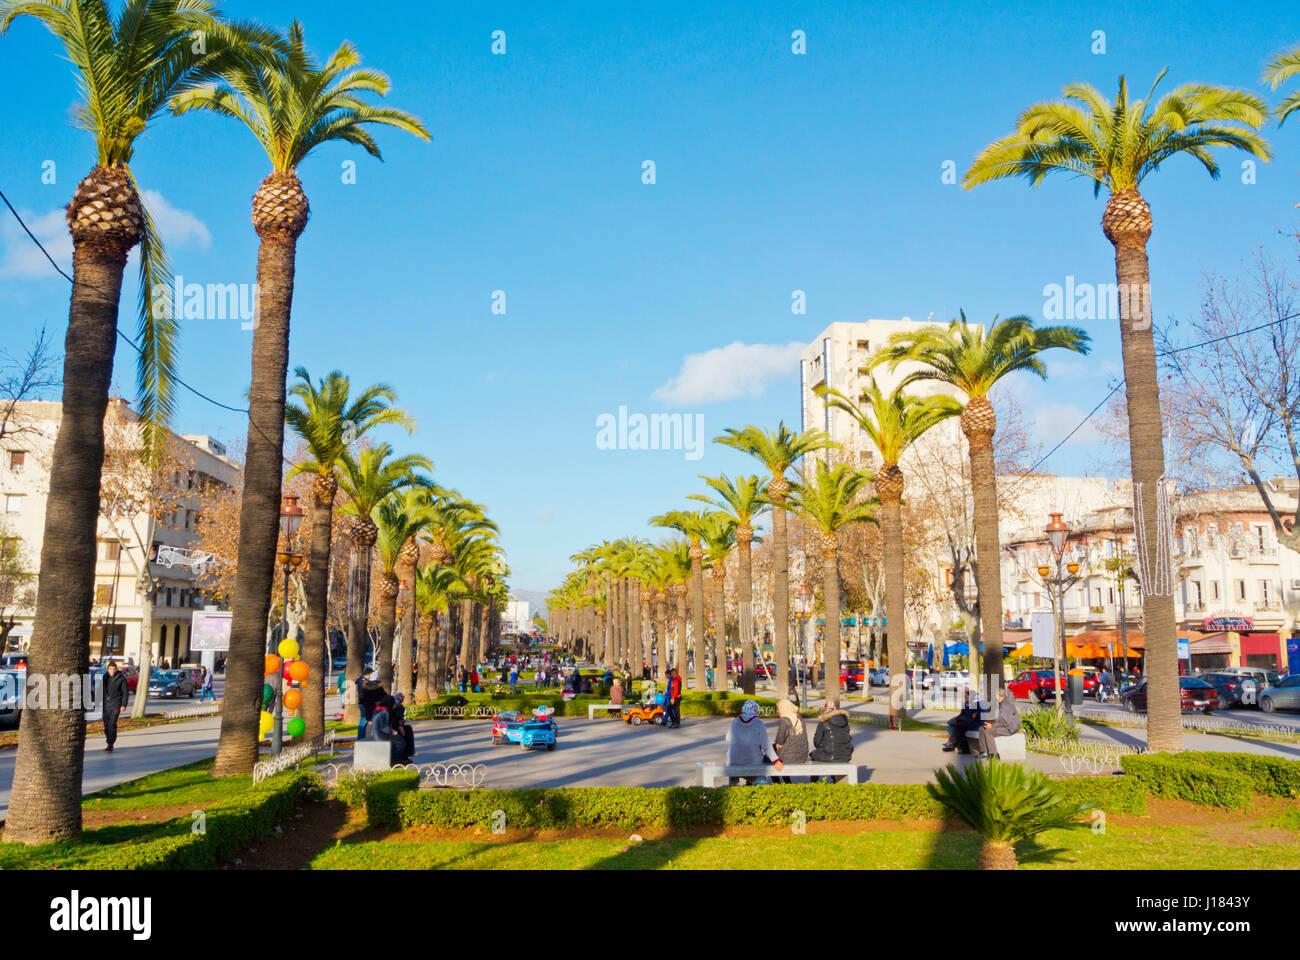 avenue hassan ii ville nouvelle fez morocco africa J1843Y